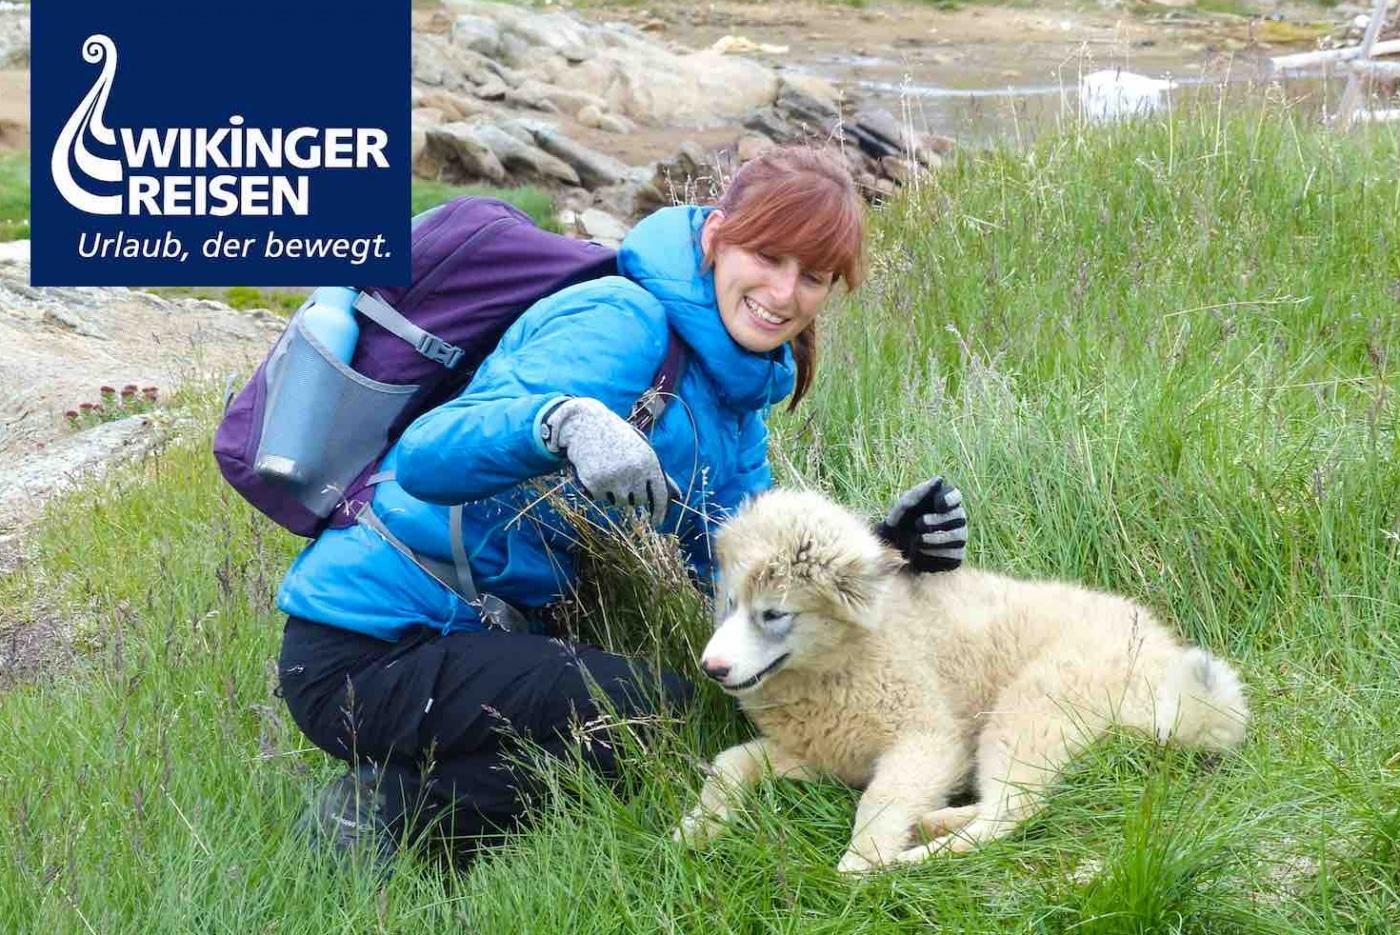 Wikinger Reisen: Wandern auf den Spuren der Inuit